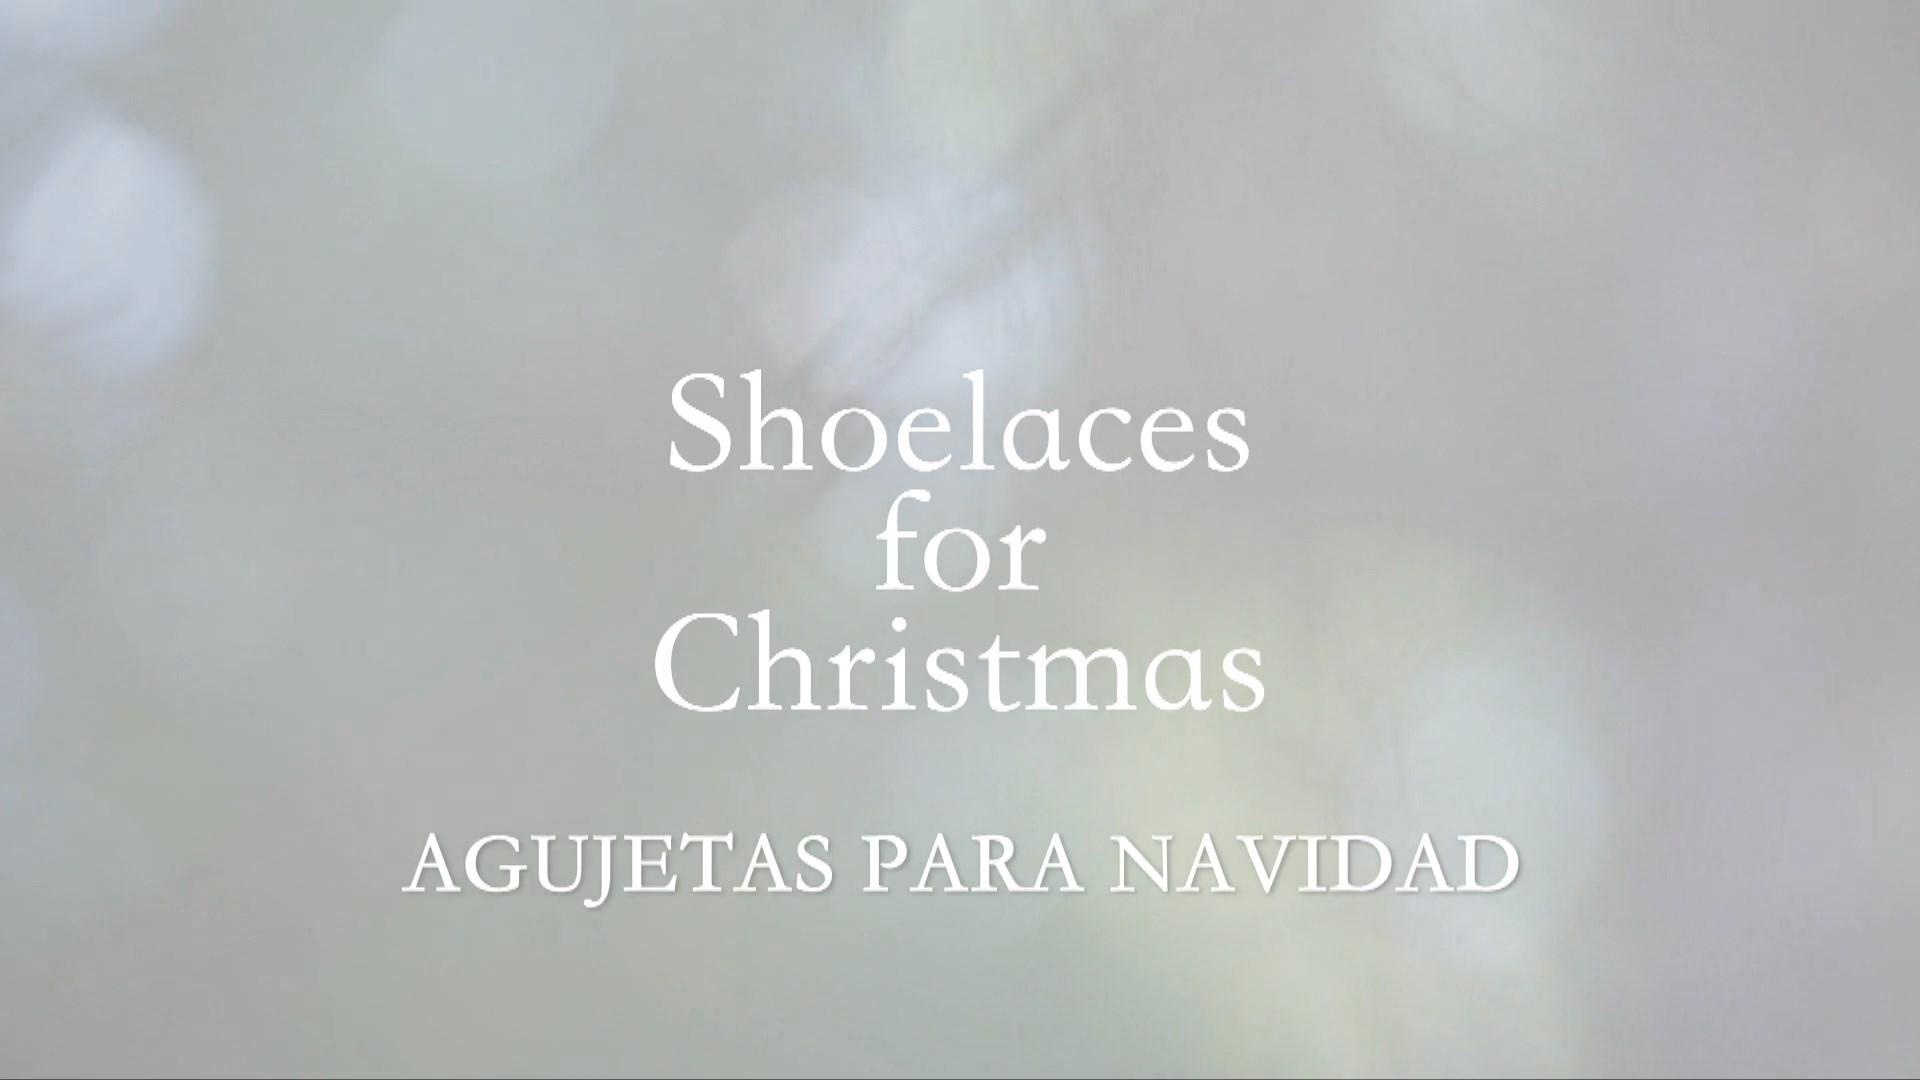 Agujetas para Navidad (2018) 1080p WEB-DL Latino